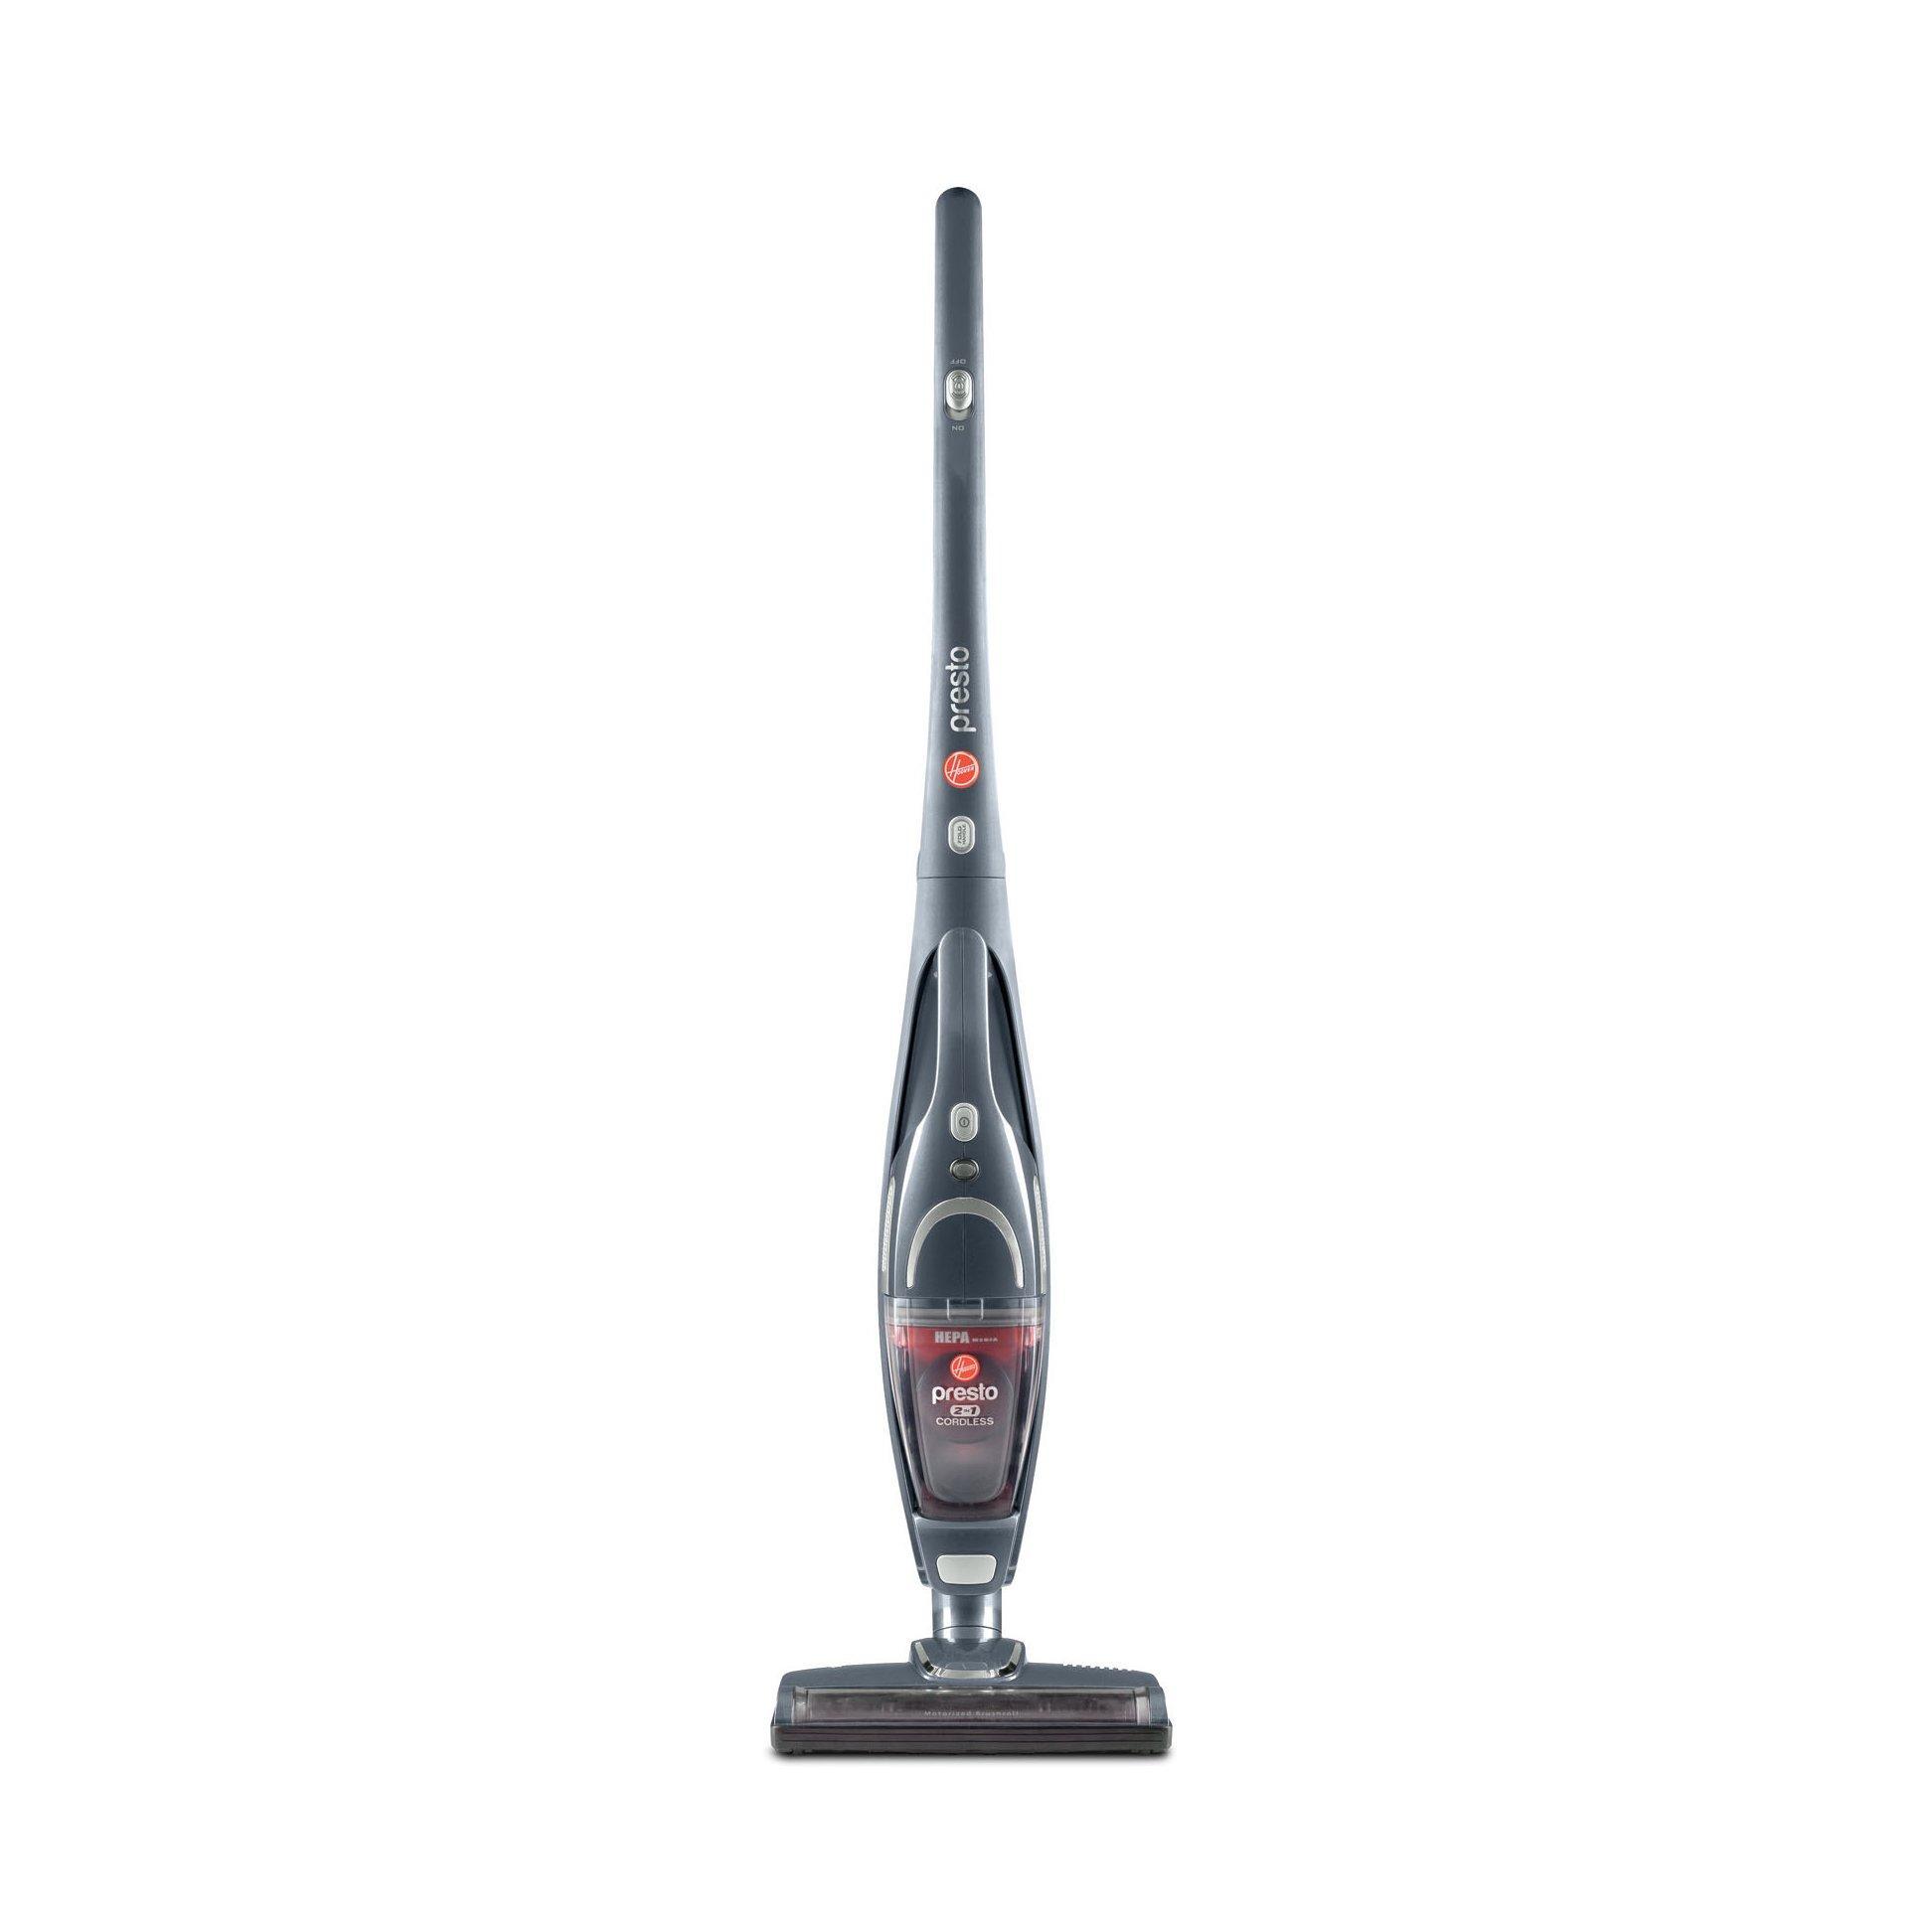 Presto 2-in-1 Cordless Stick Vacuum